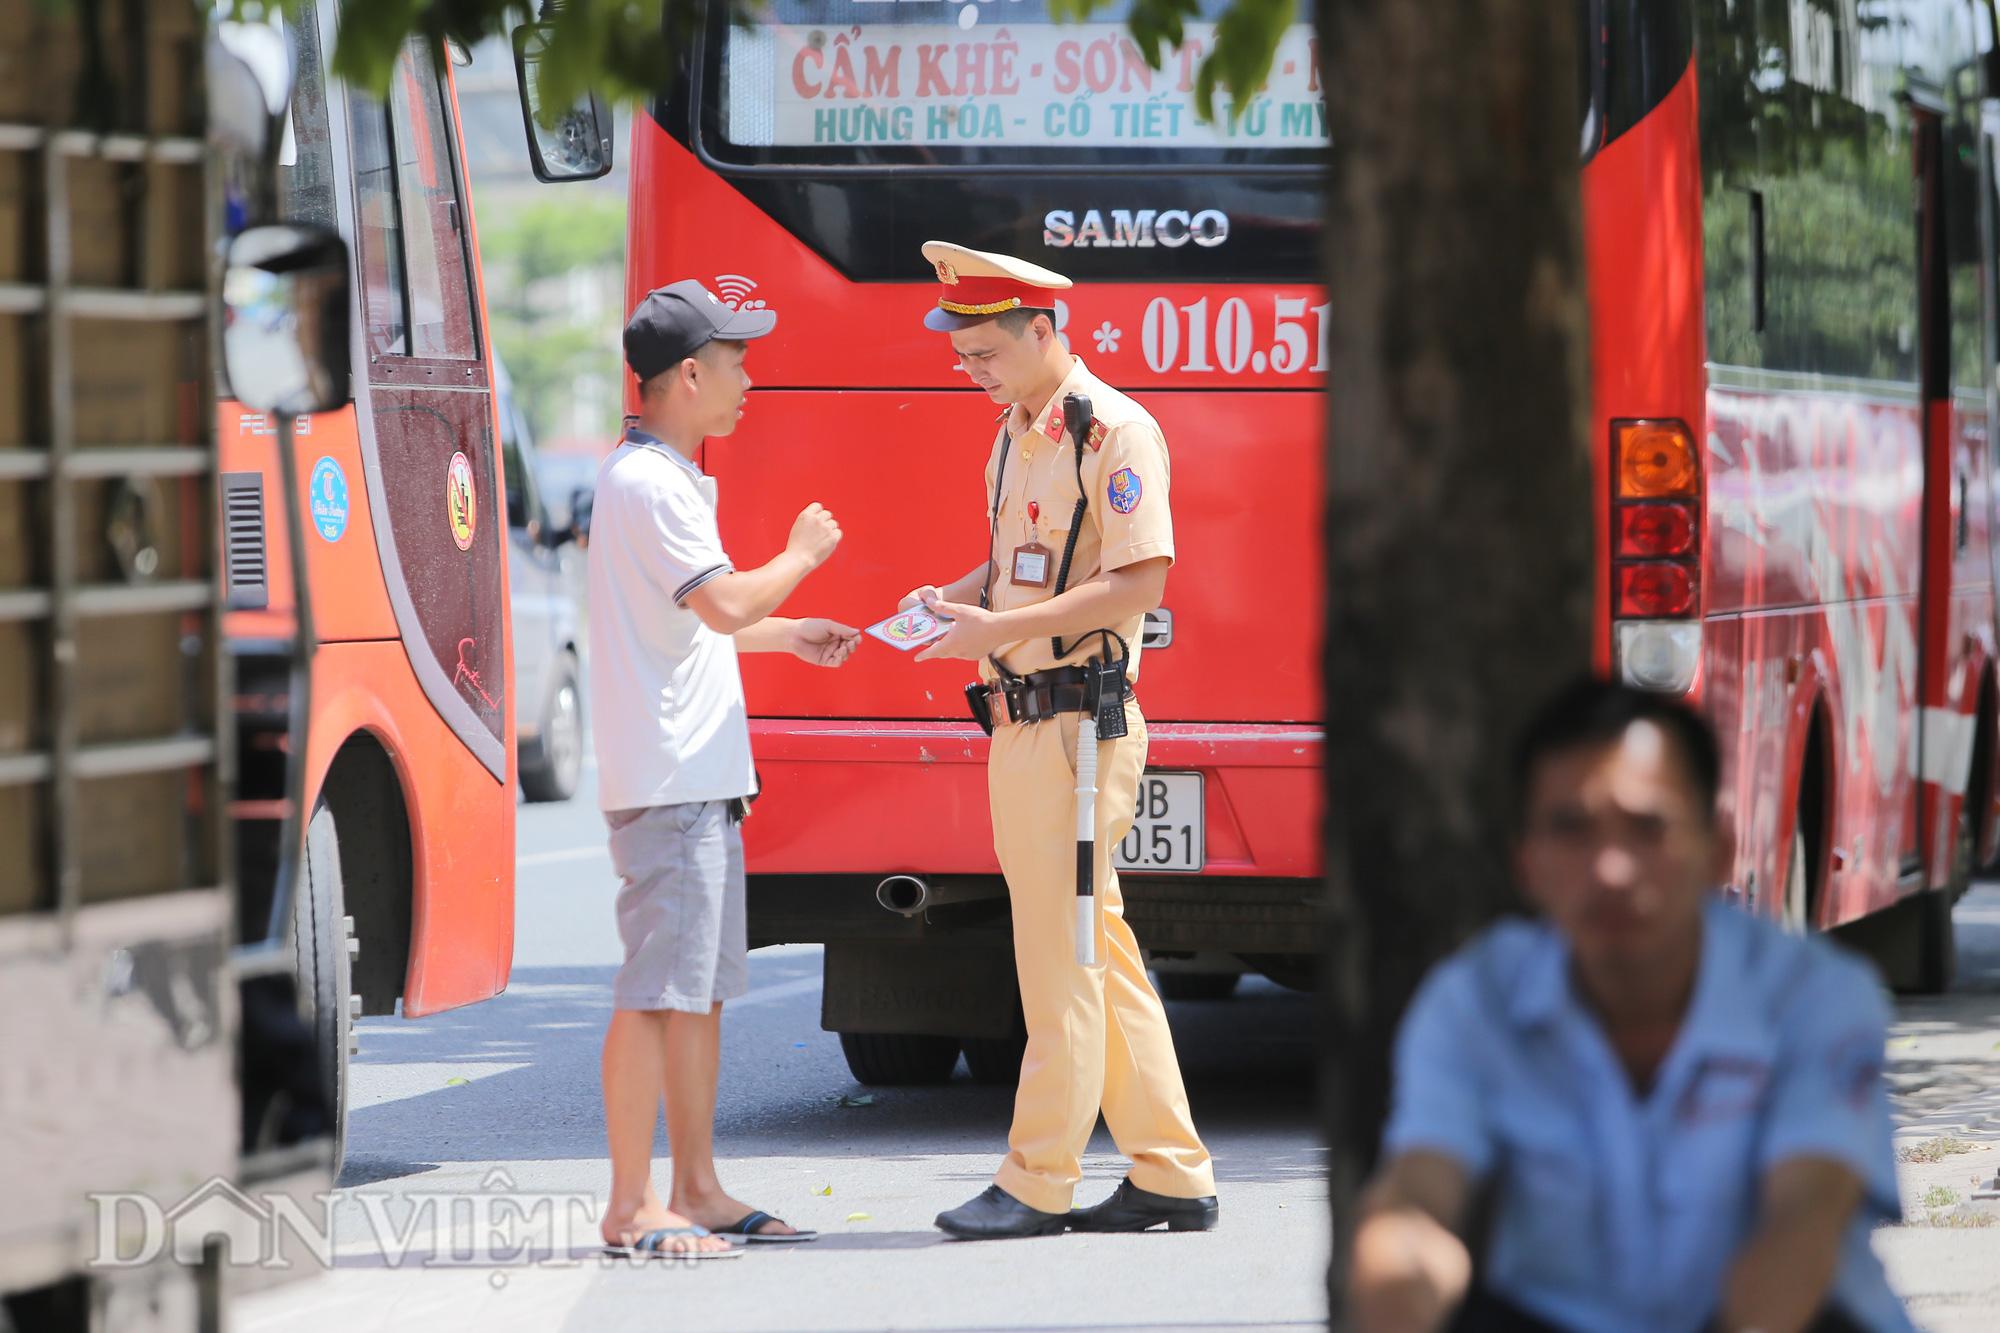 """Hàng loạt xe chạy """"rùa bò"""", bắt khách dọc đường bị CSGT Hà Nội xử lý - Ảnh 3."""